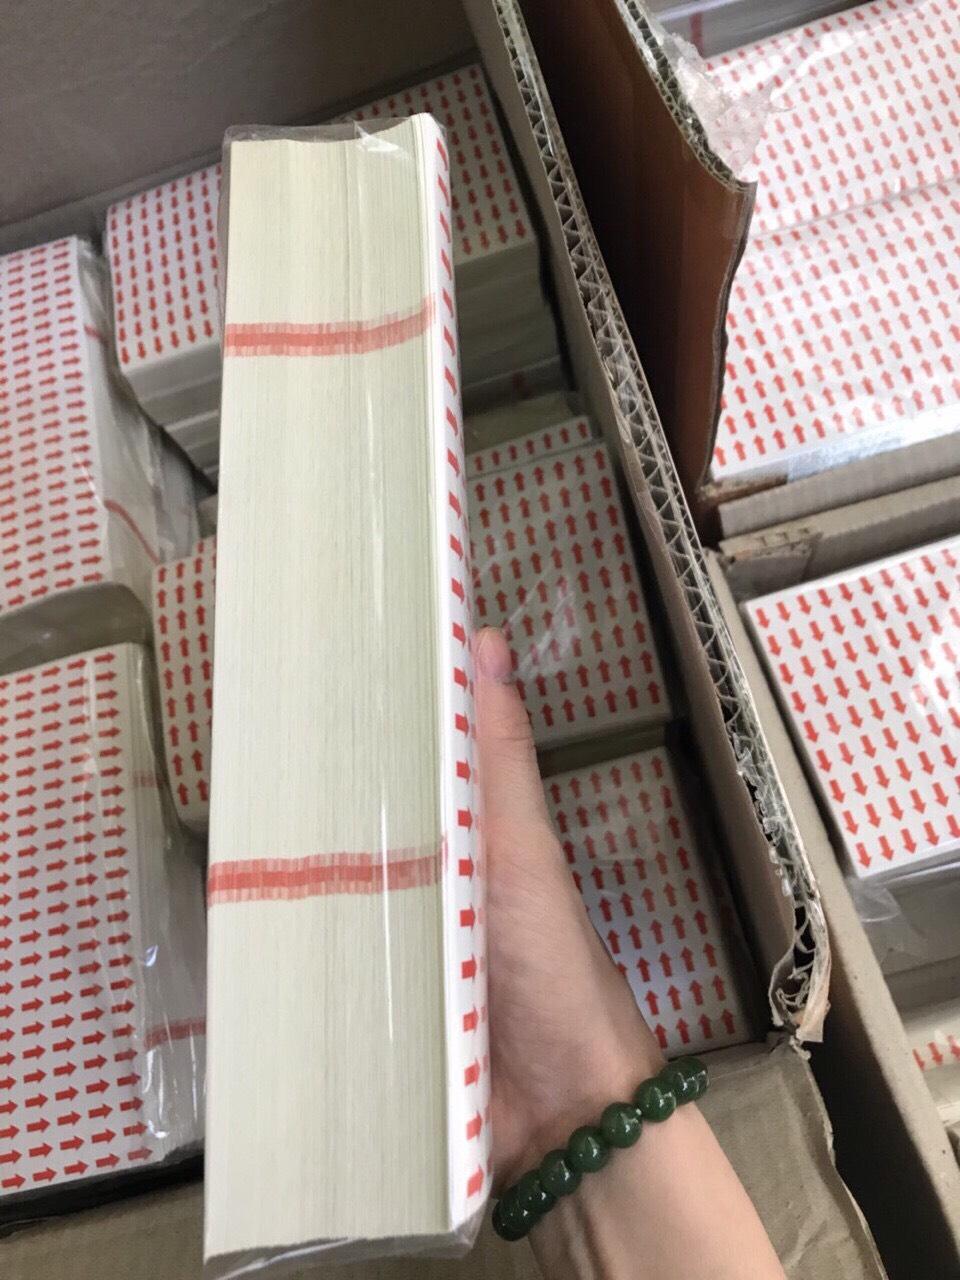 Nhãn in mũi tên 9x13mm, đế vàng chấm đỏ, cán màng dùng mê tít lun :b :b :b 1 tờ 216 tem 200 tờ 1 bọc 3 thùng này khách quất 1 phát có 15.000 tờ zalo 0912677982